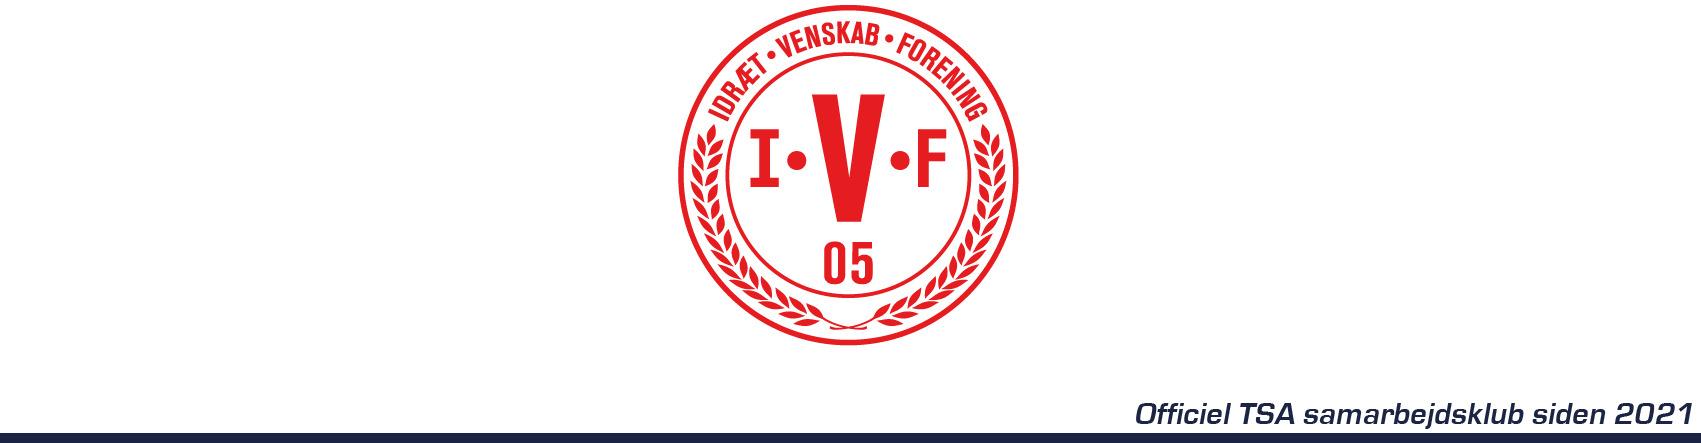 Ivf_idr%c3%a6t_venskab_forening-01